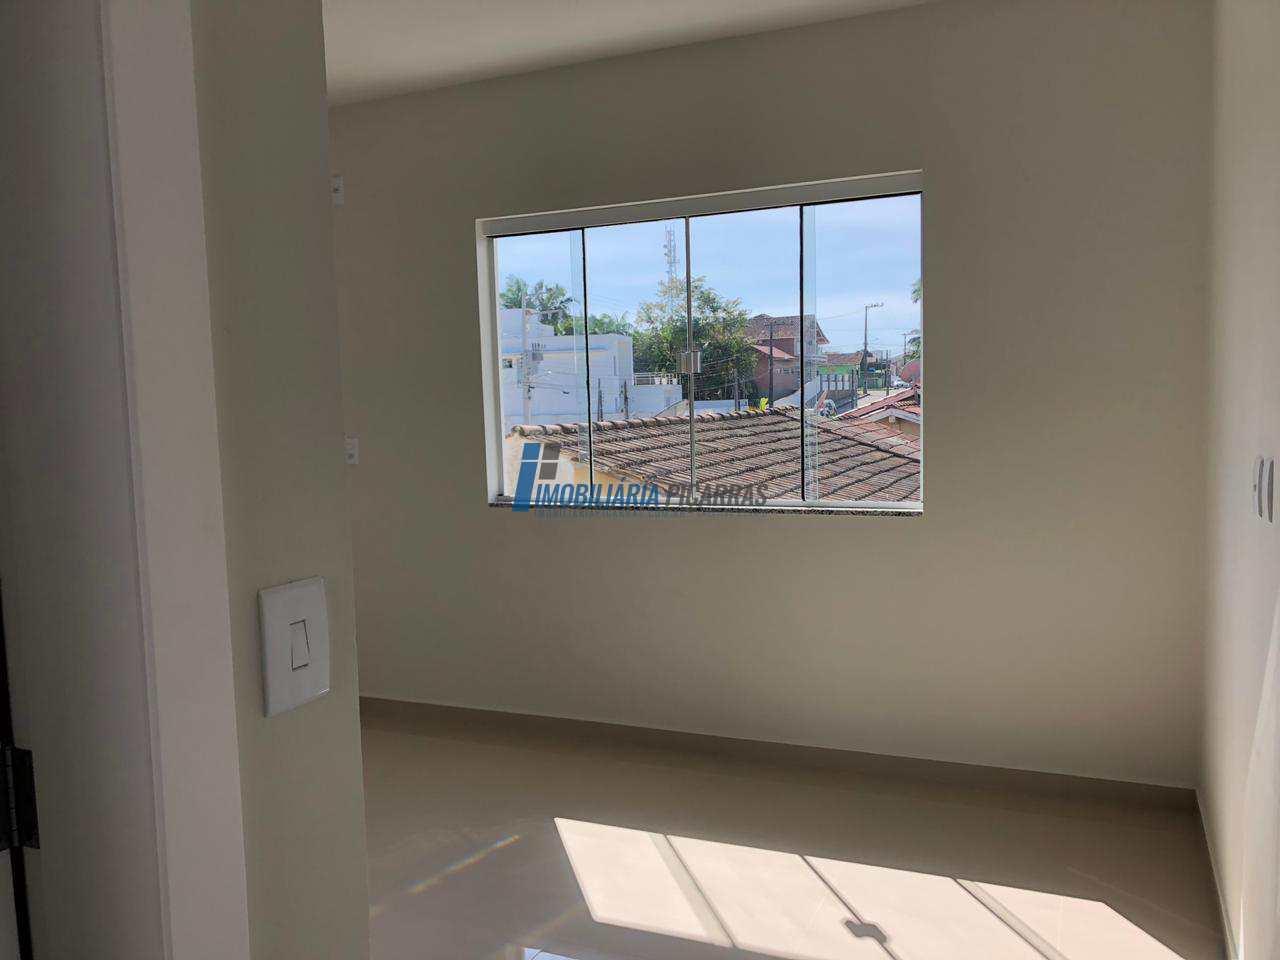 Sobrado de Condomínio com 2 dorms, Centro, Balneário Piçarras - R$ 250 mil, Cod: 90